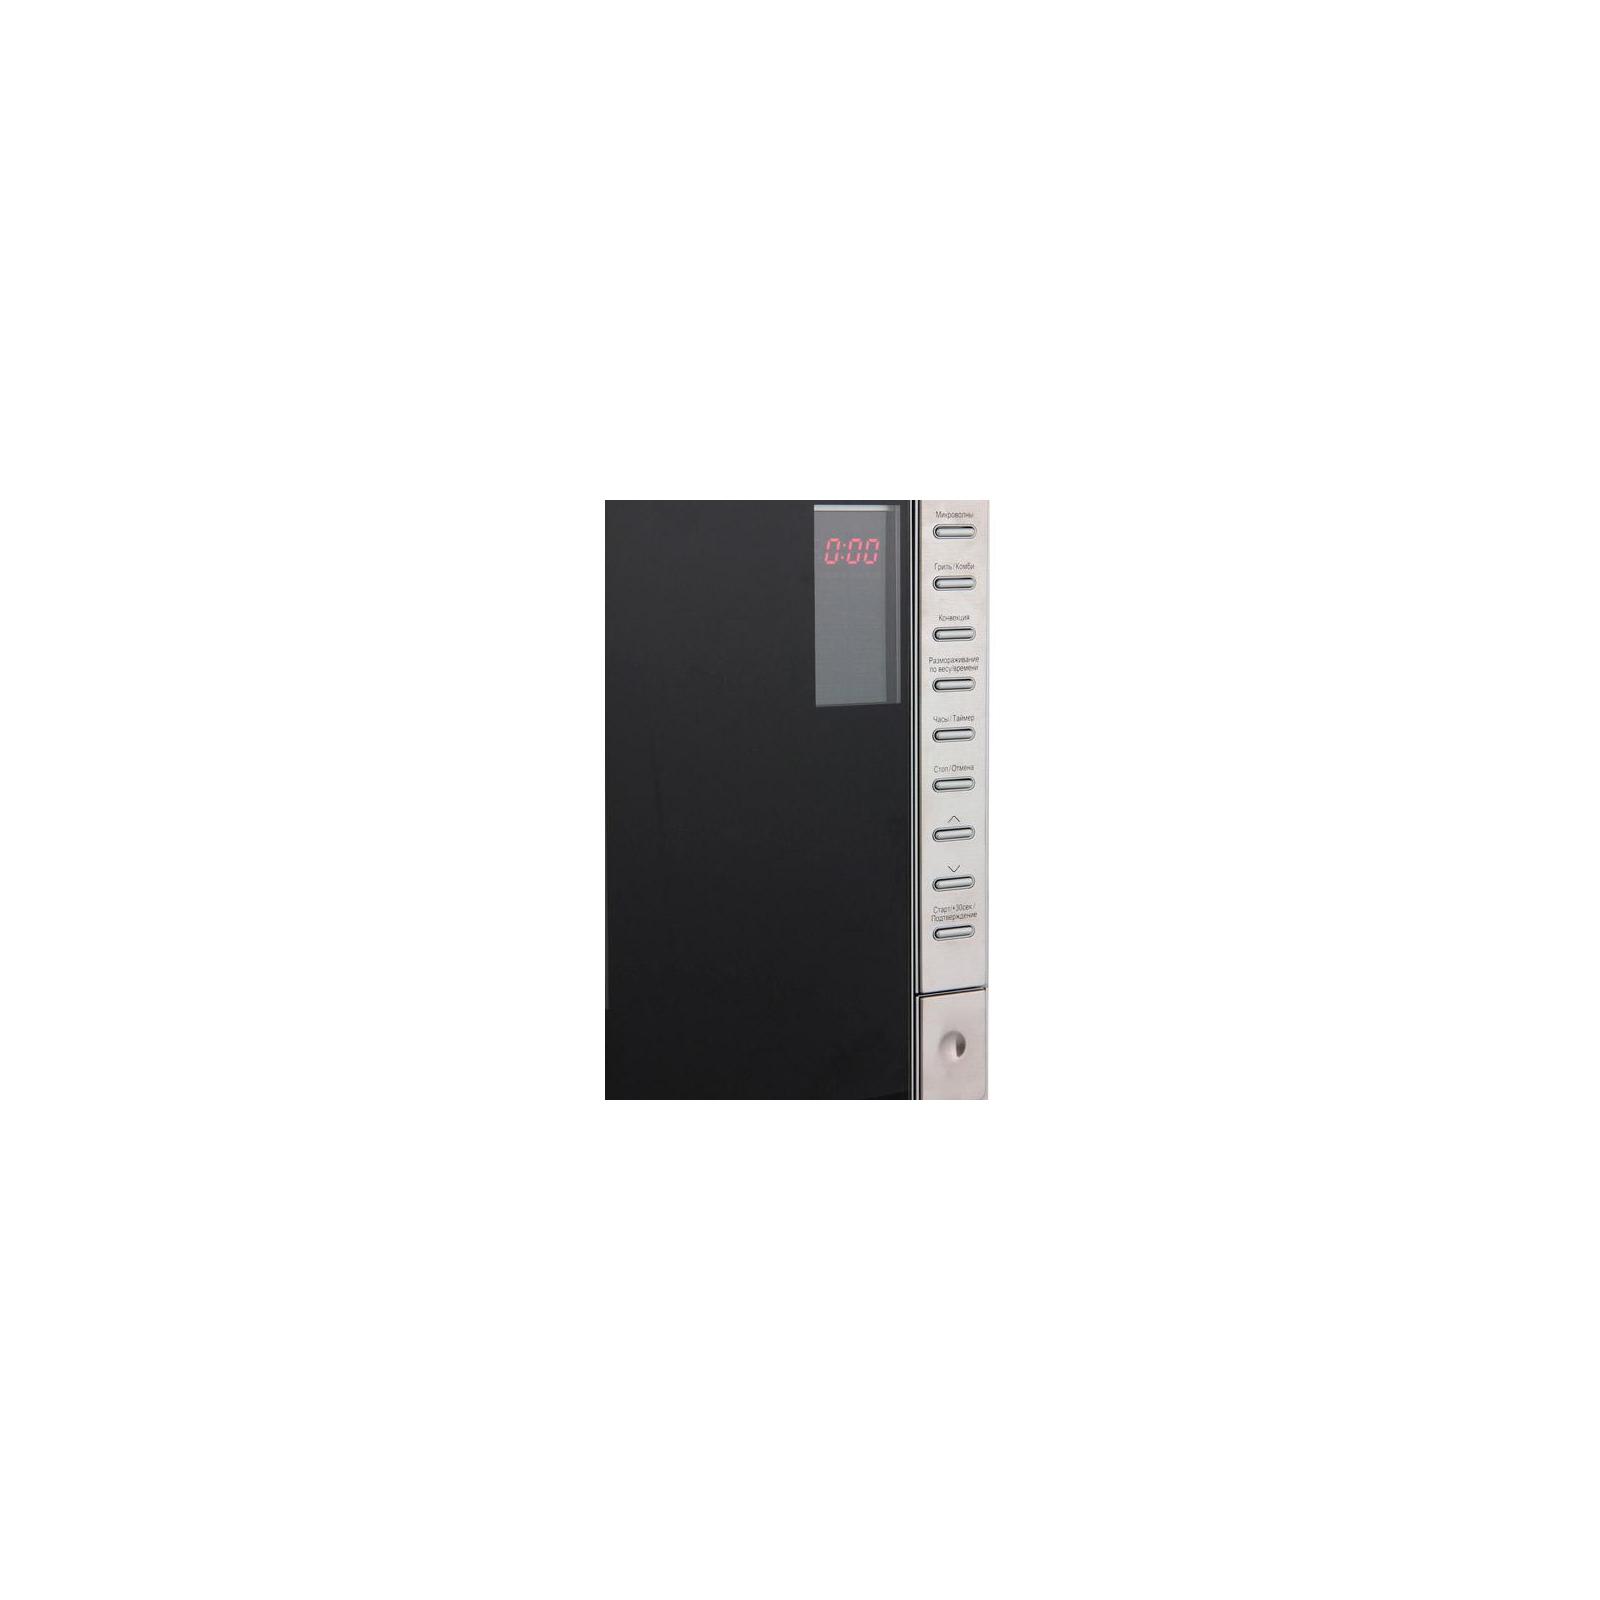 Микроволновая печь MIDEA AW925EXG изображение 7